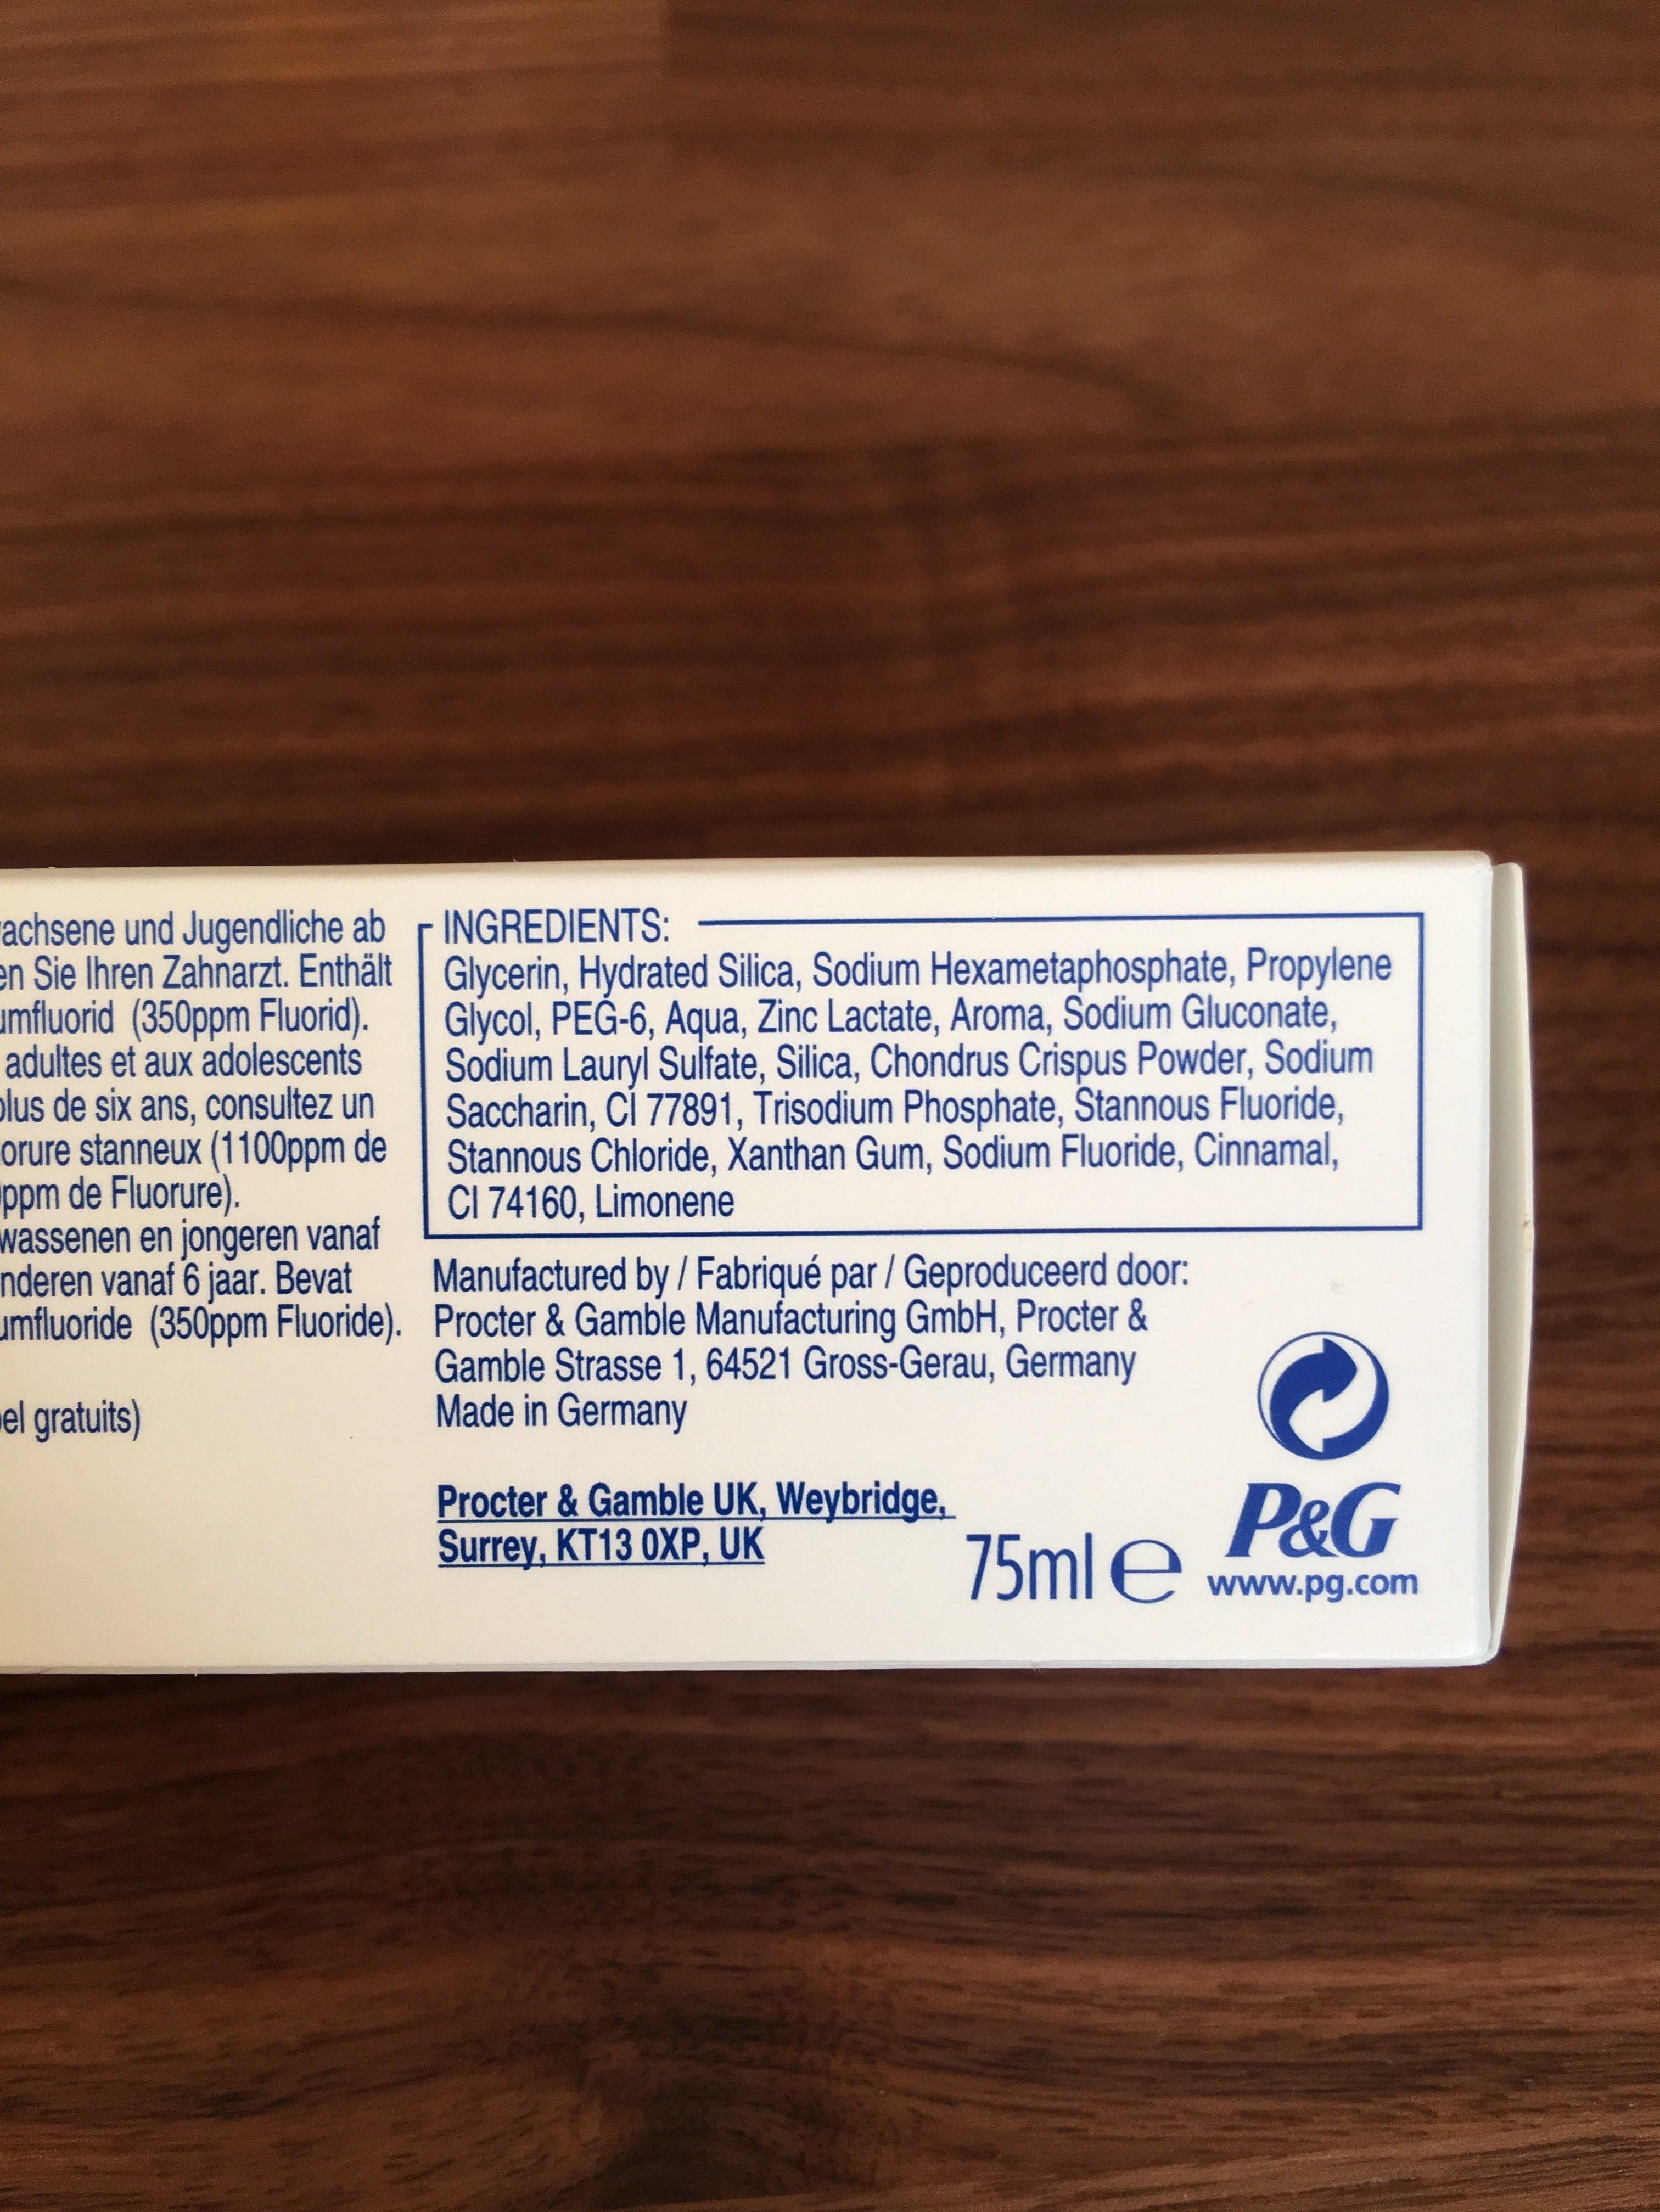 Extra fraicheur répare gencives et email - Ingredients - fr